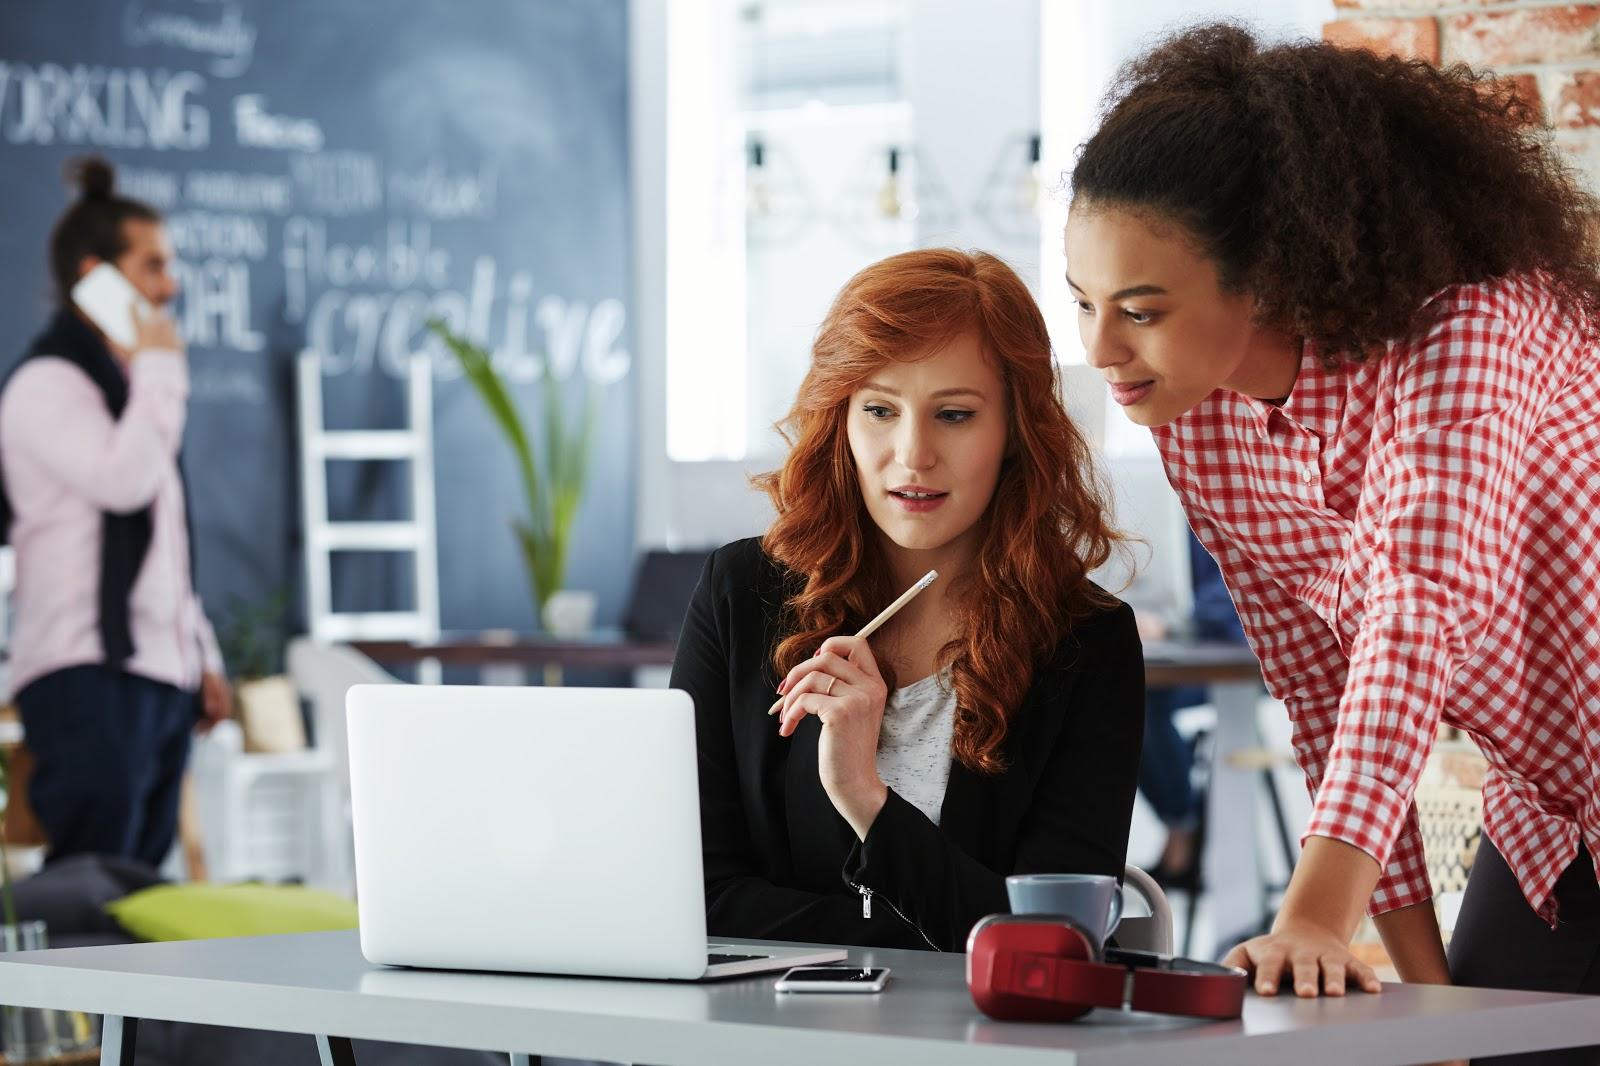 How to Start an Internship Program: 6 Steps to Success